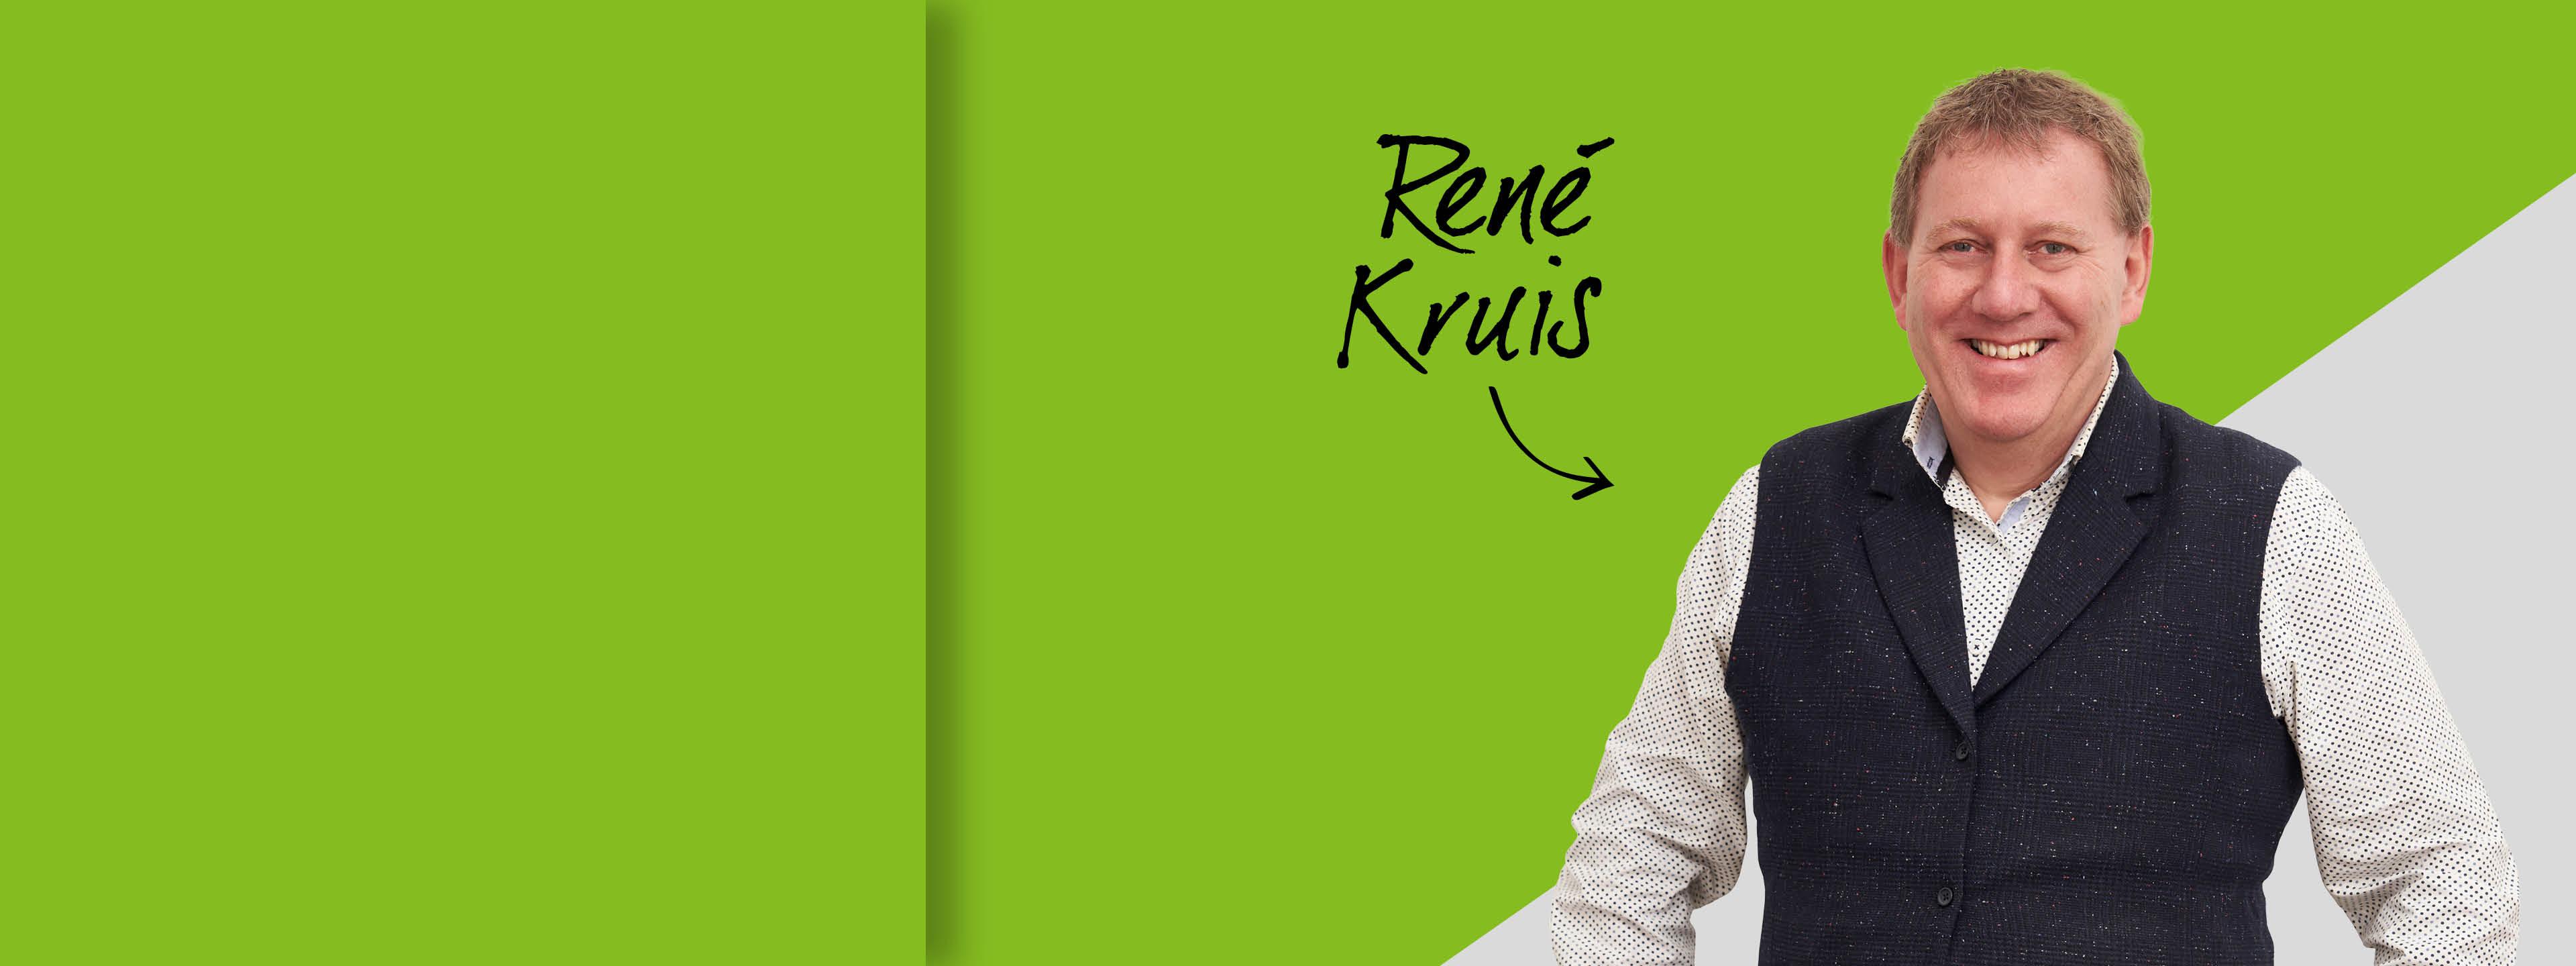 Rene Kuis, Kruis Administratie